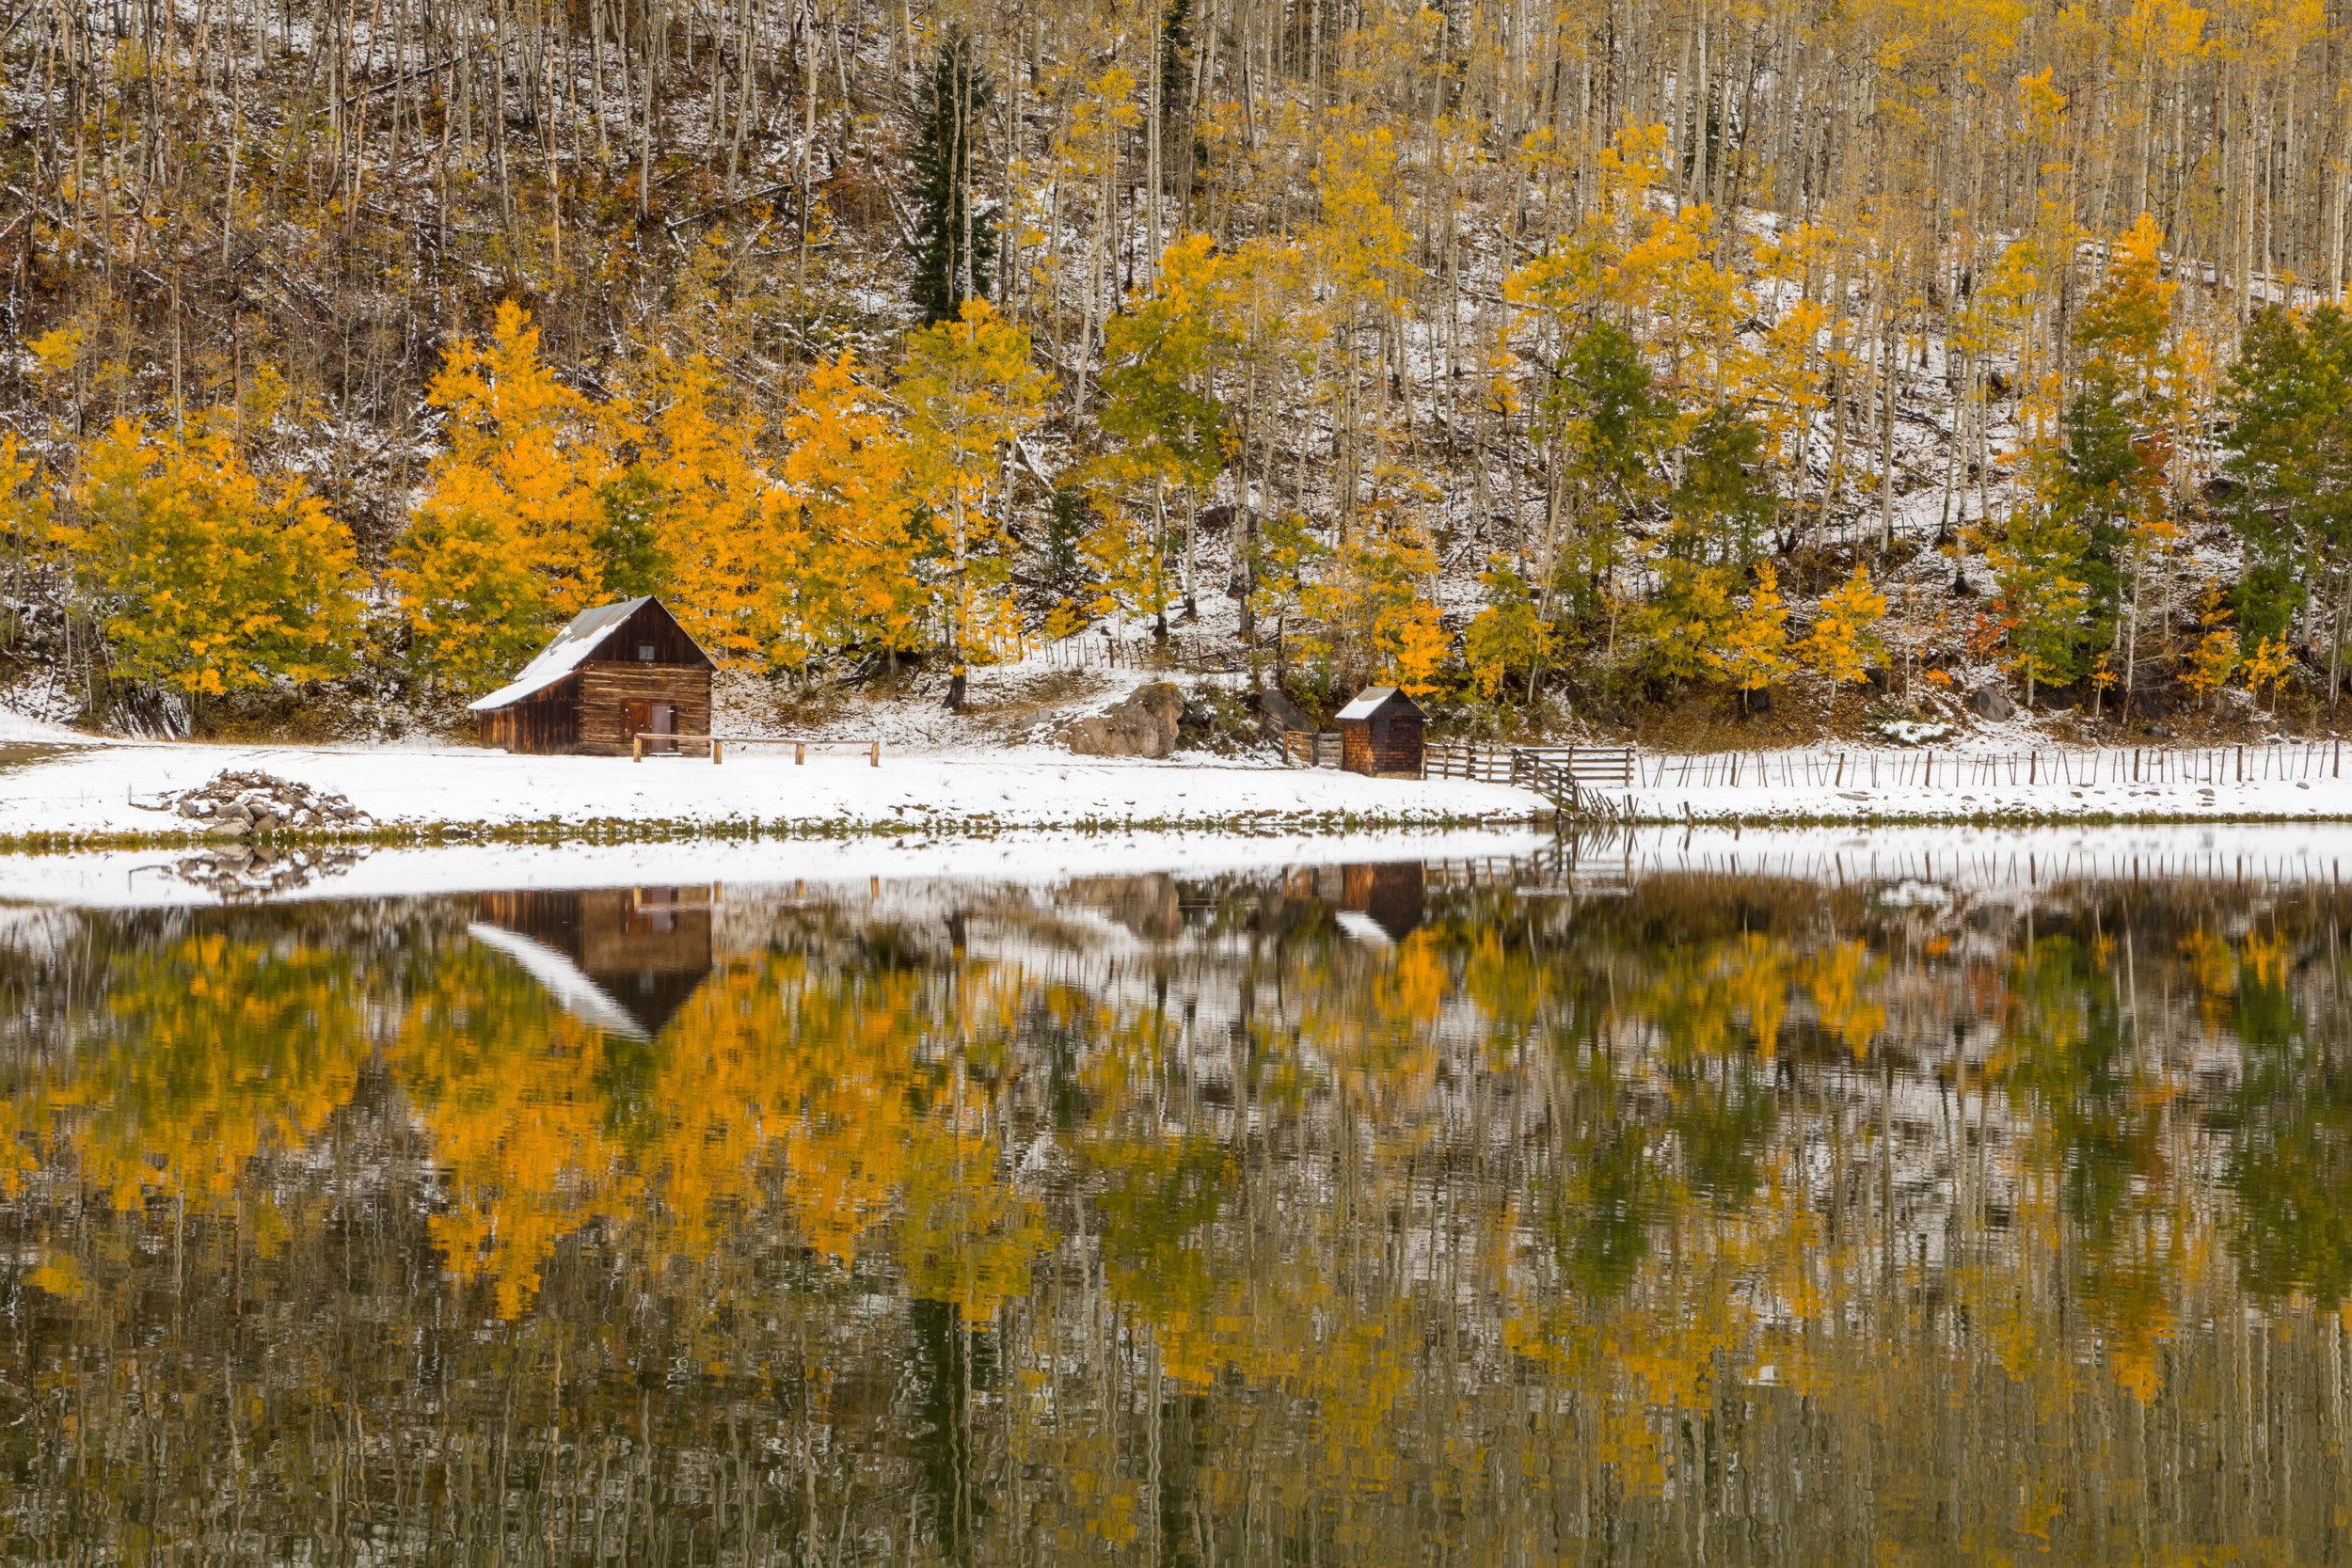 Hotter Pond, Image # 4579